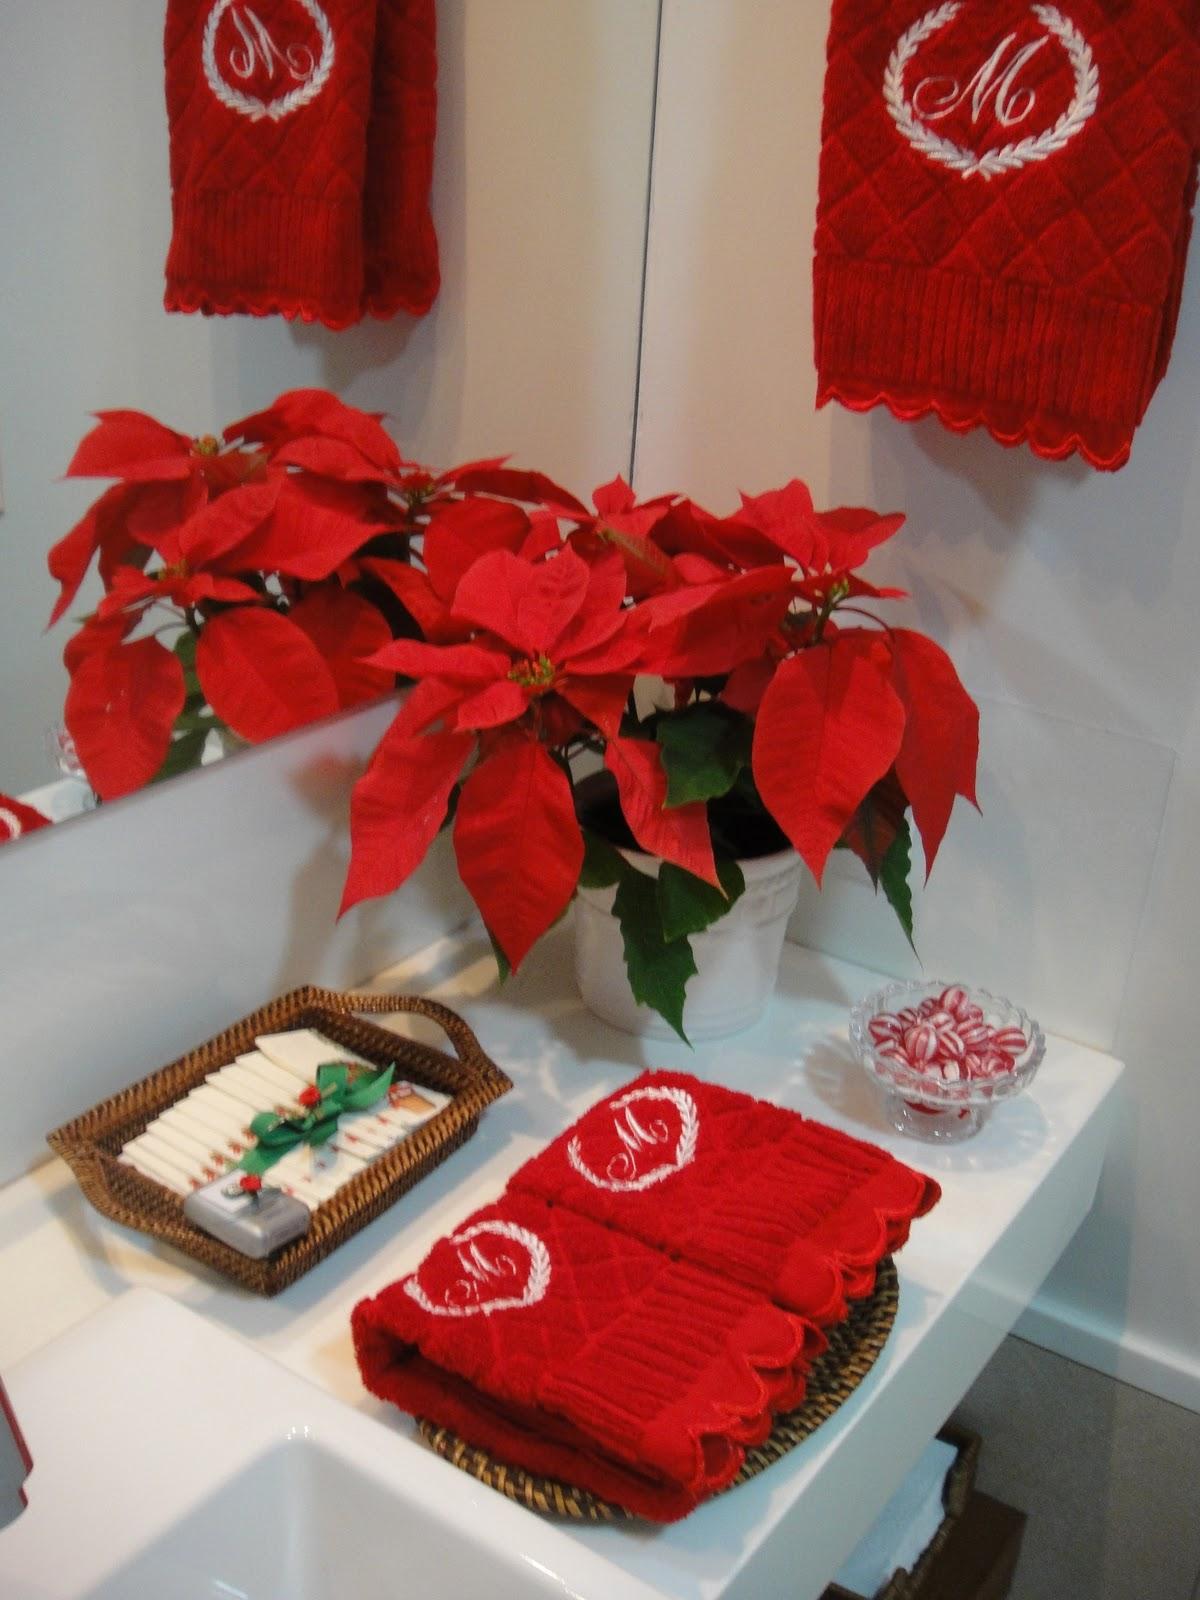 Fika a Dika  Por um Mundo Melhor Banheiro Decorado para o Natal -> Banheiro Decorado Para Natal